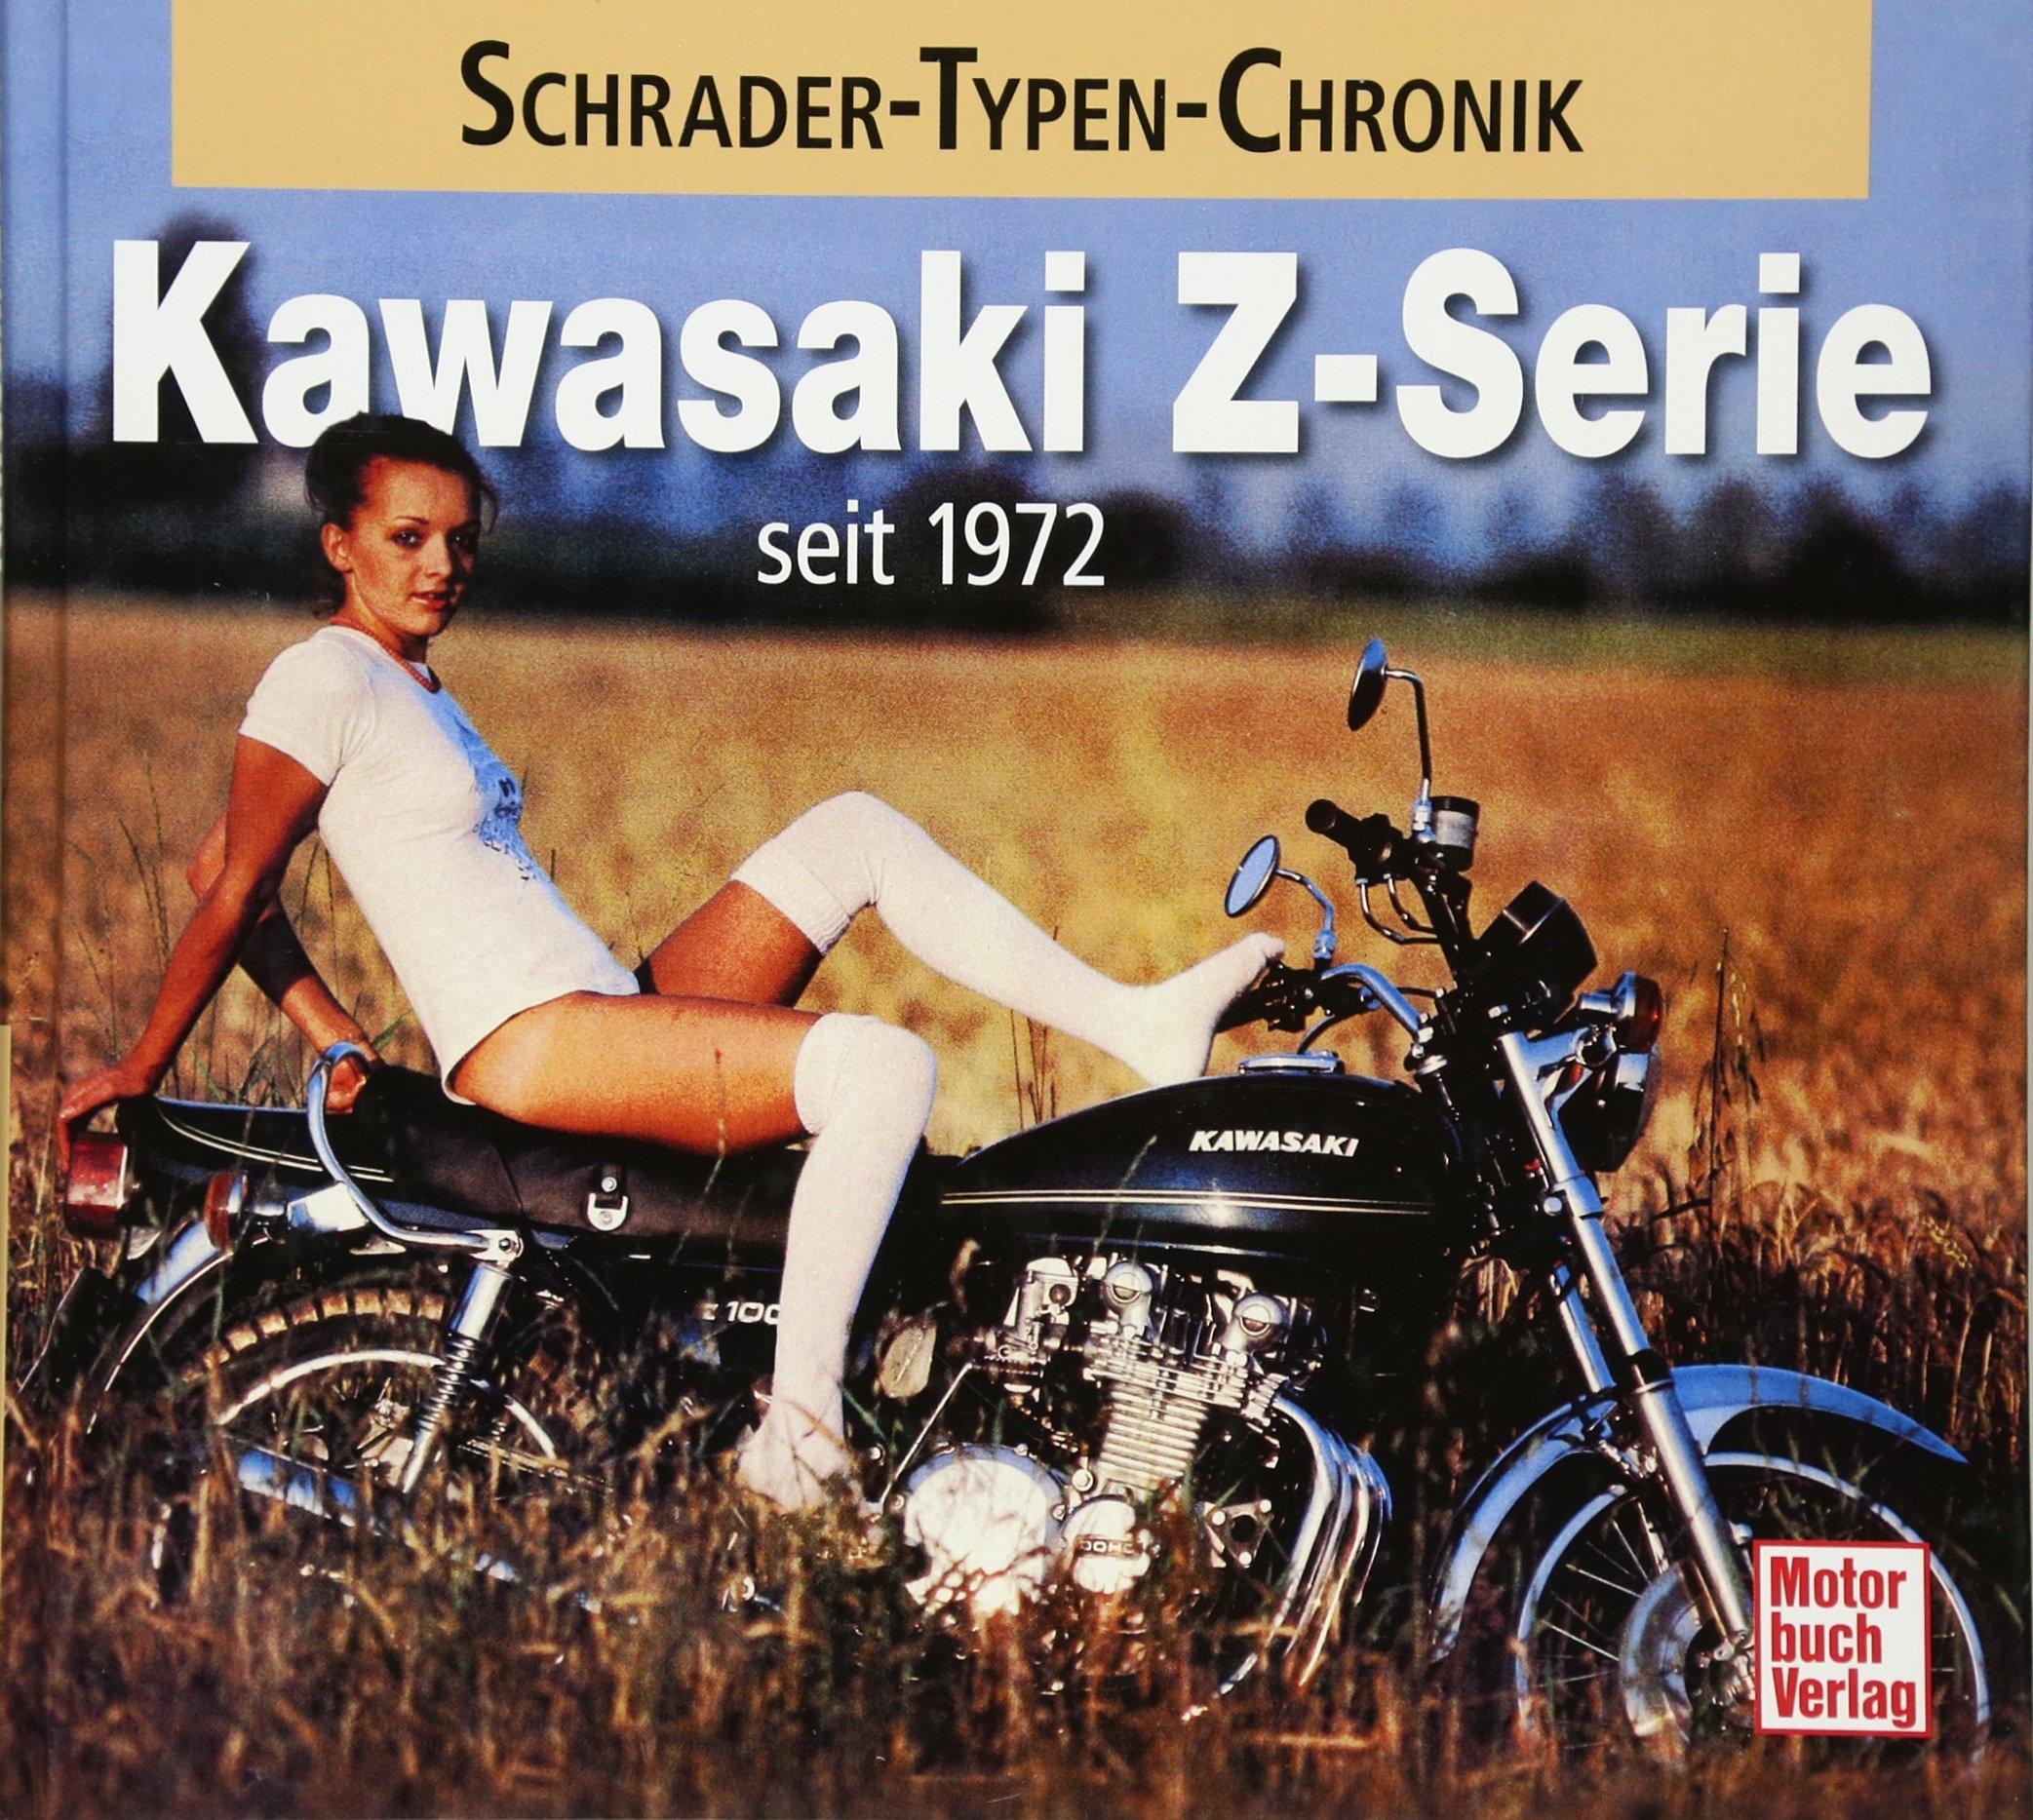 Kawasaki Z-Serie: seit 1972 (Schrader-Typen-Chronik)